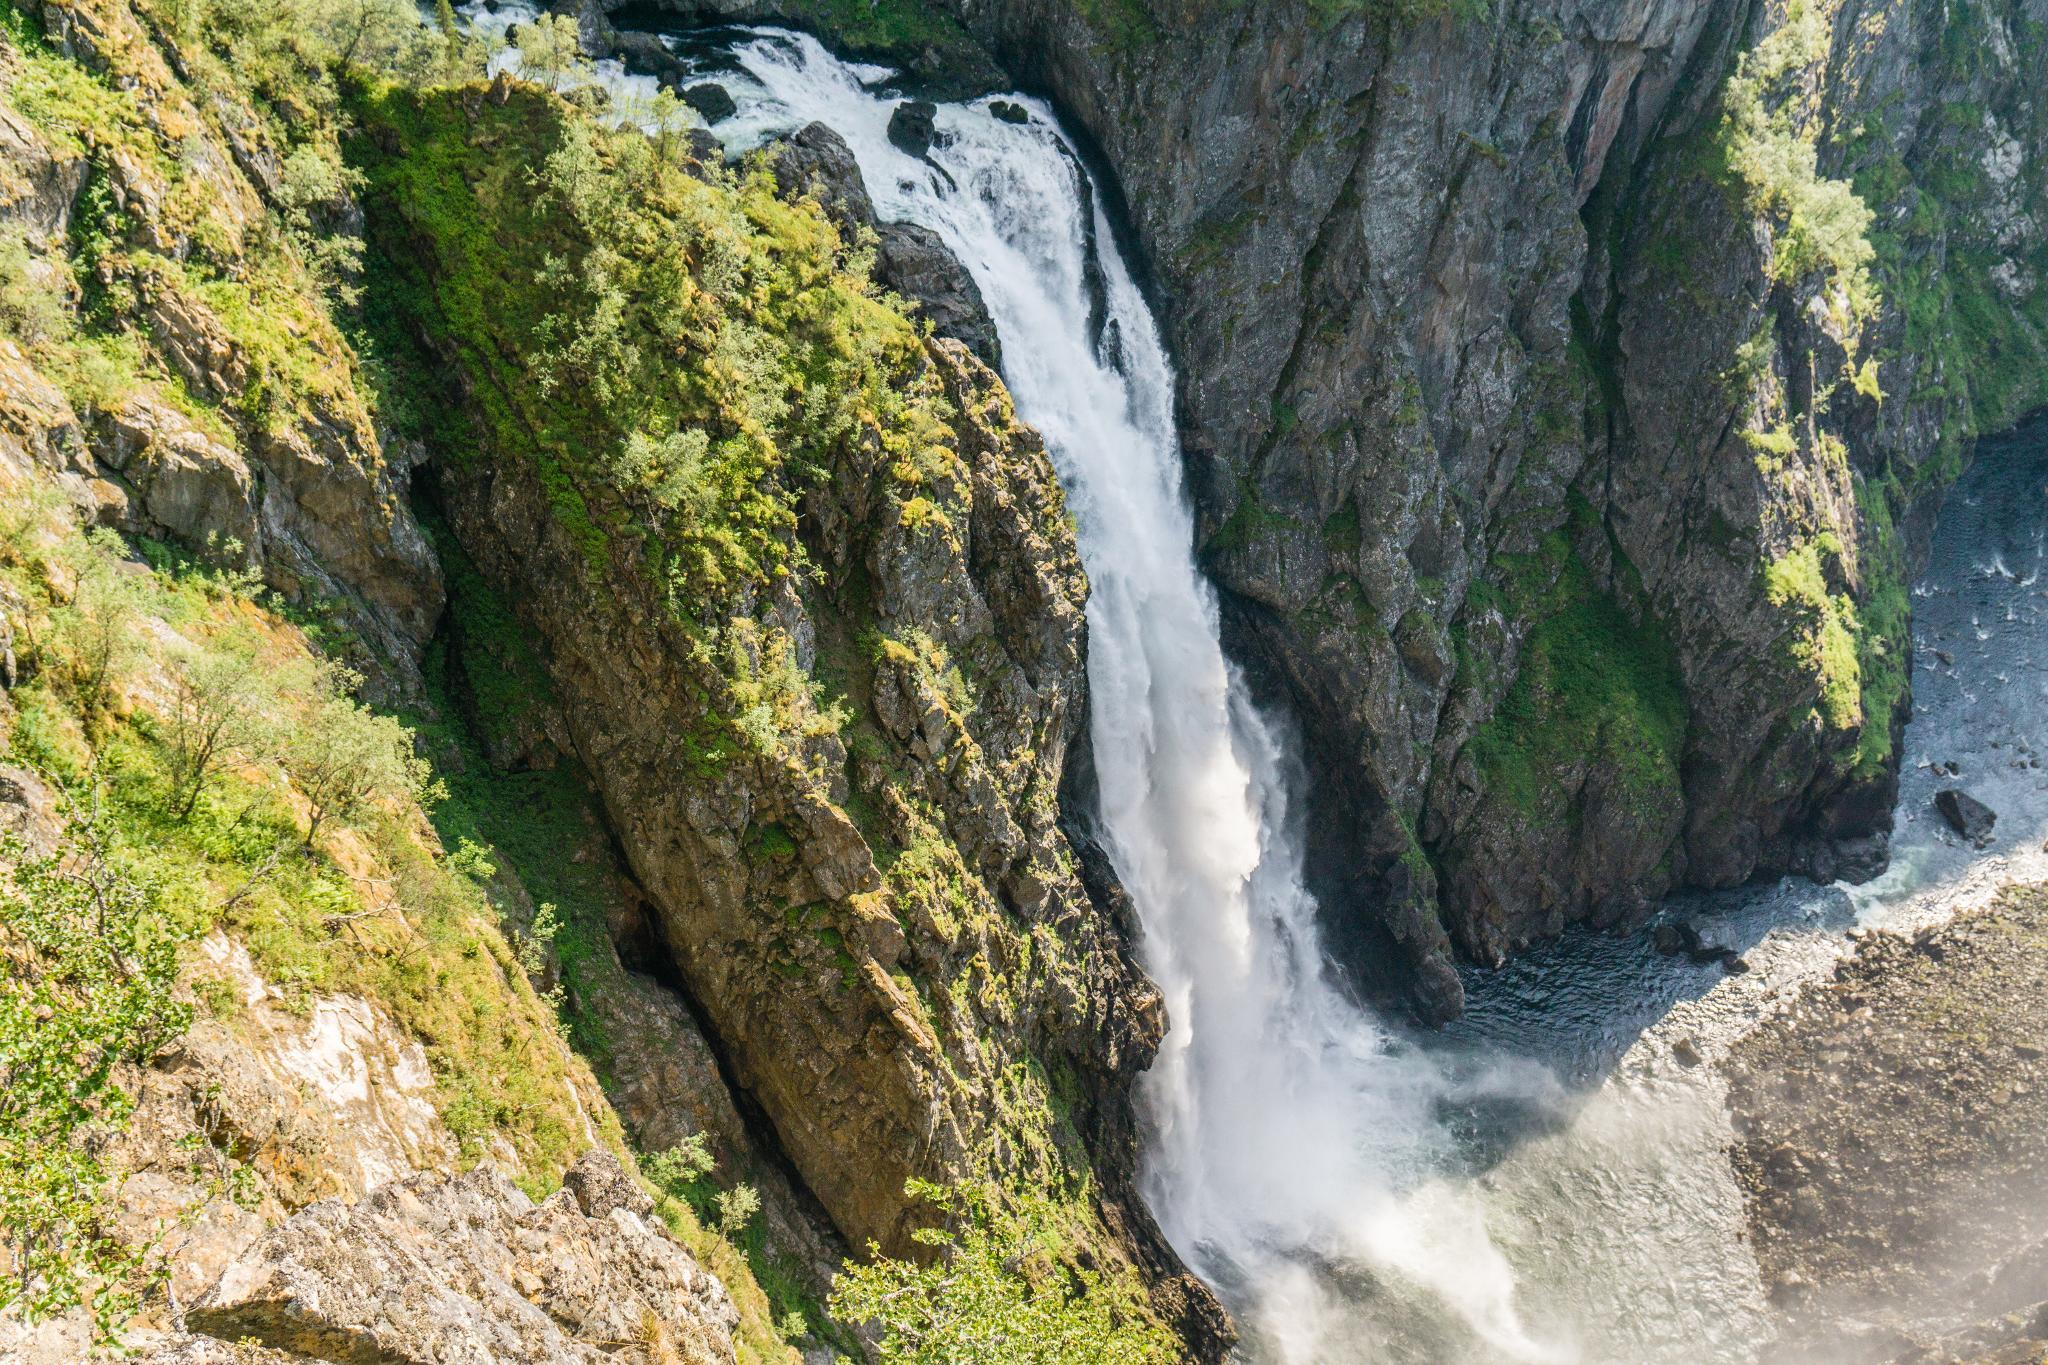 【北歐景點】哈丹格峽灣探秘:史詩般磅礴的菲爾鈴瀑布 Vøringfossen 32